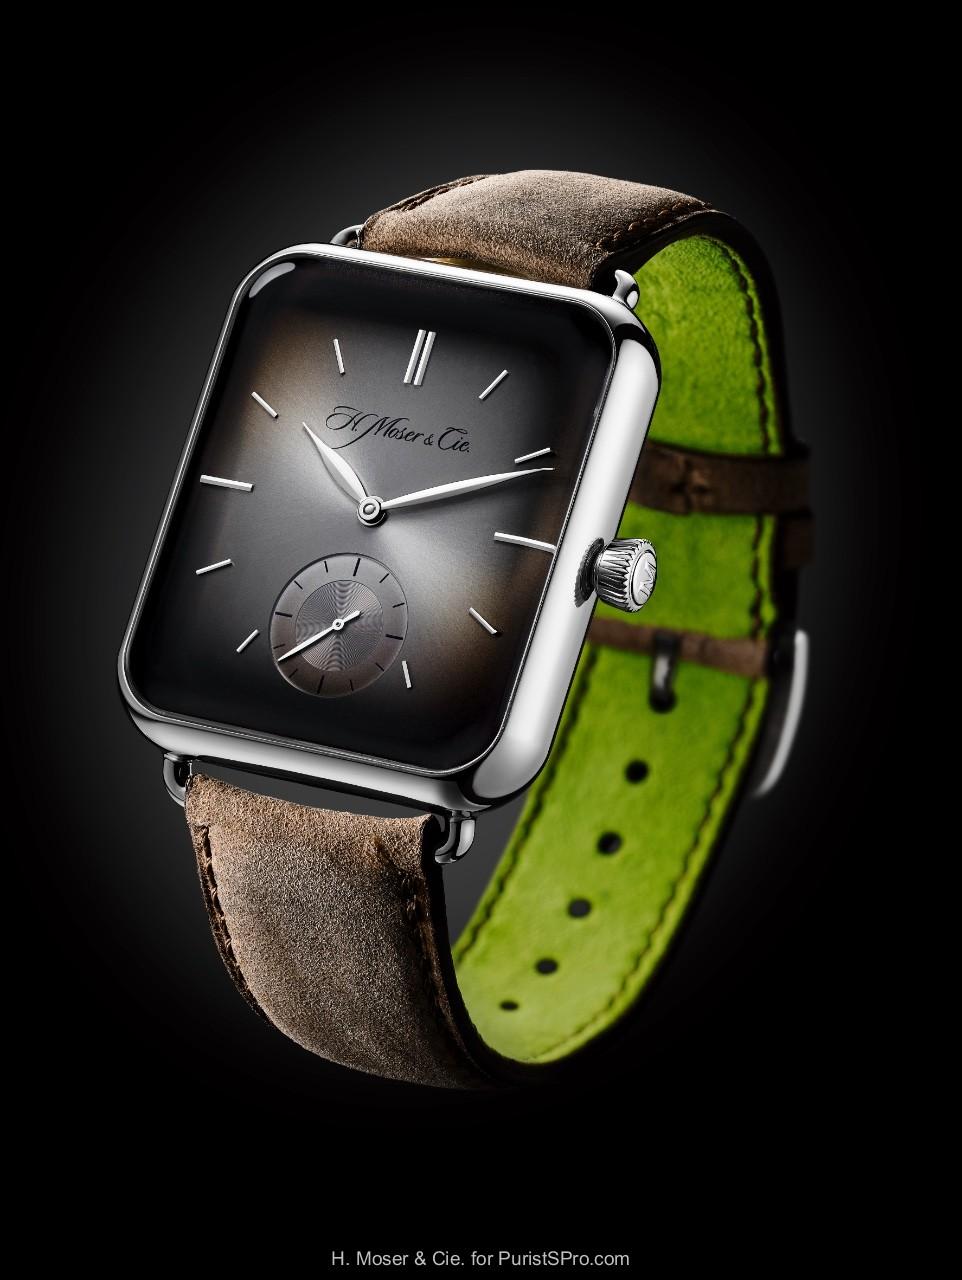 L'Apple Watch de Moser & Cie Home_image.4551608